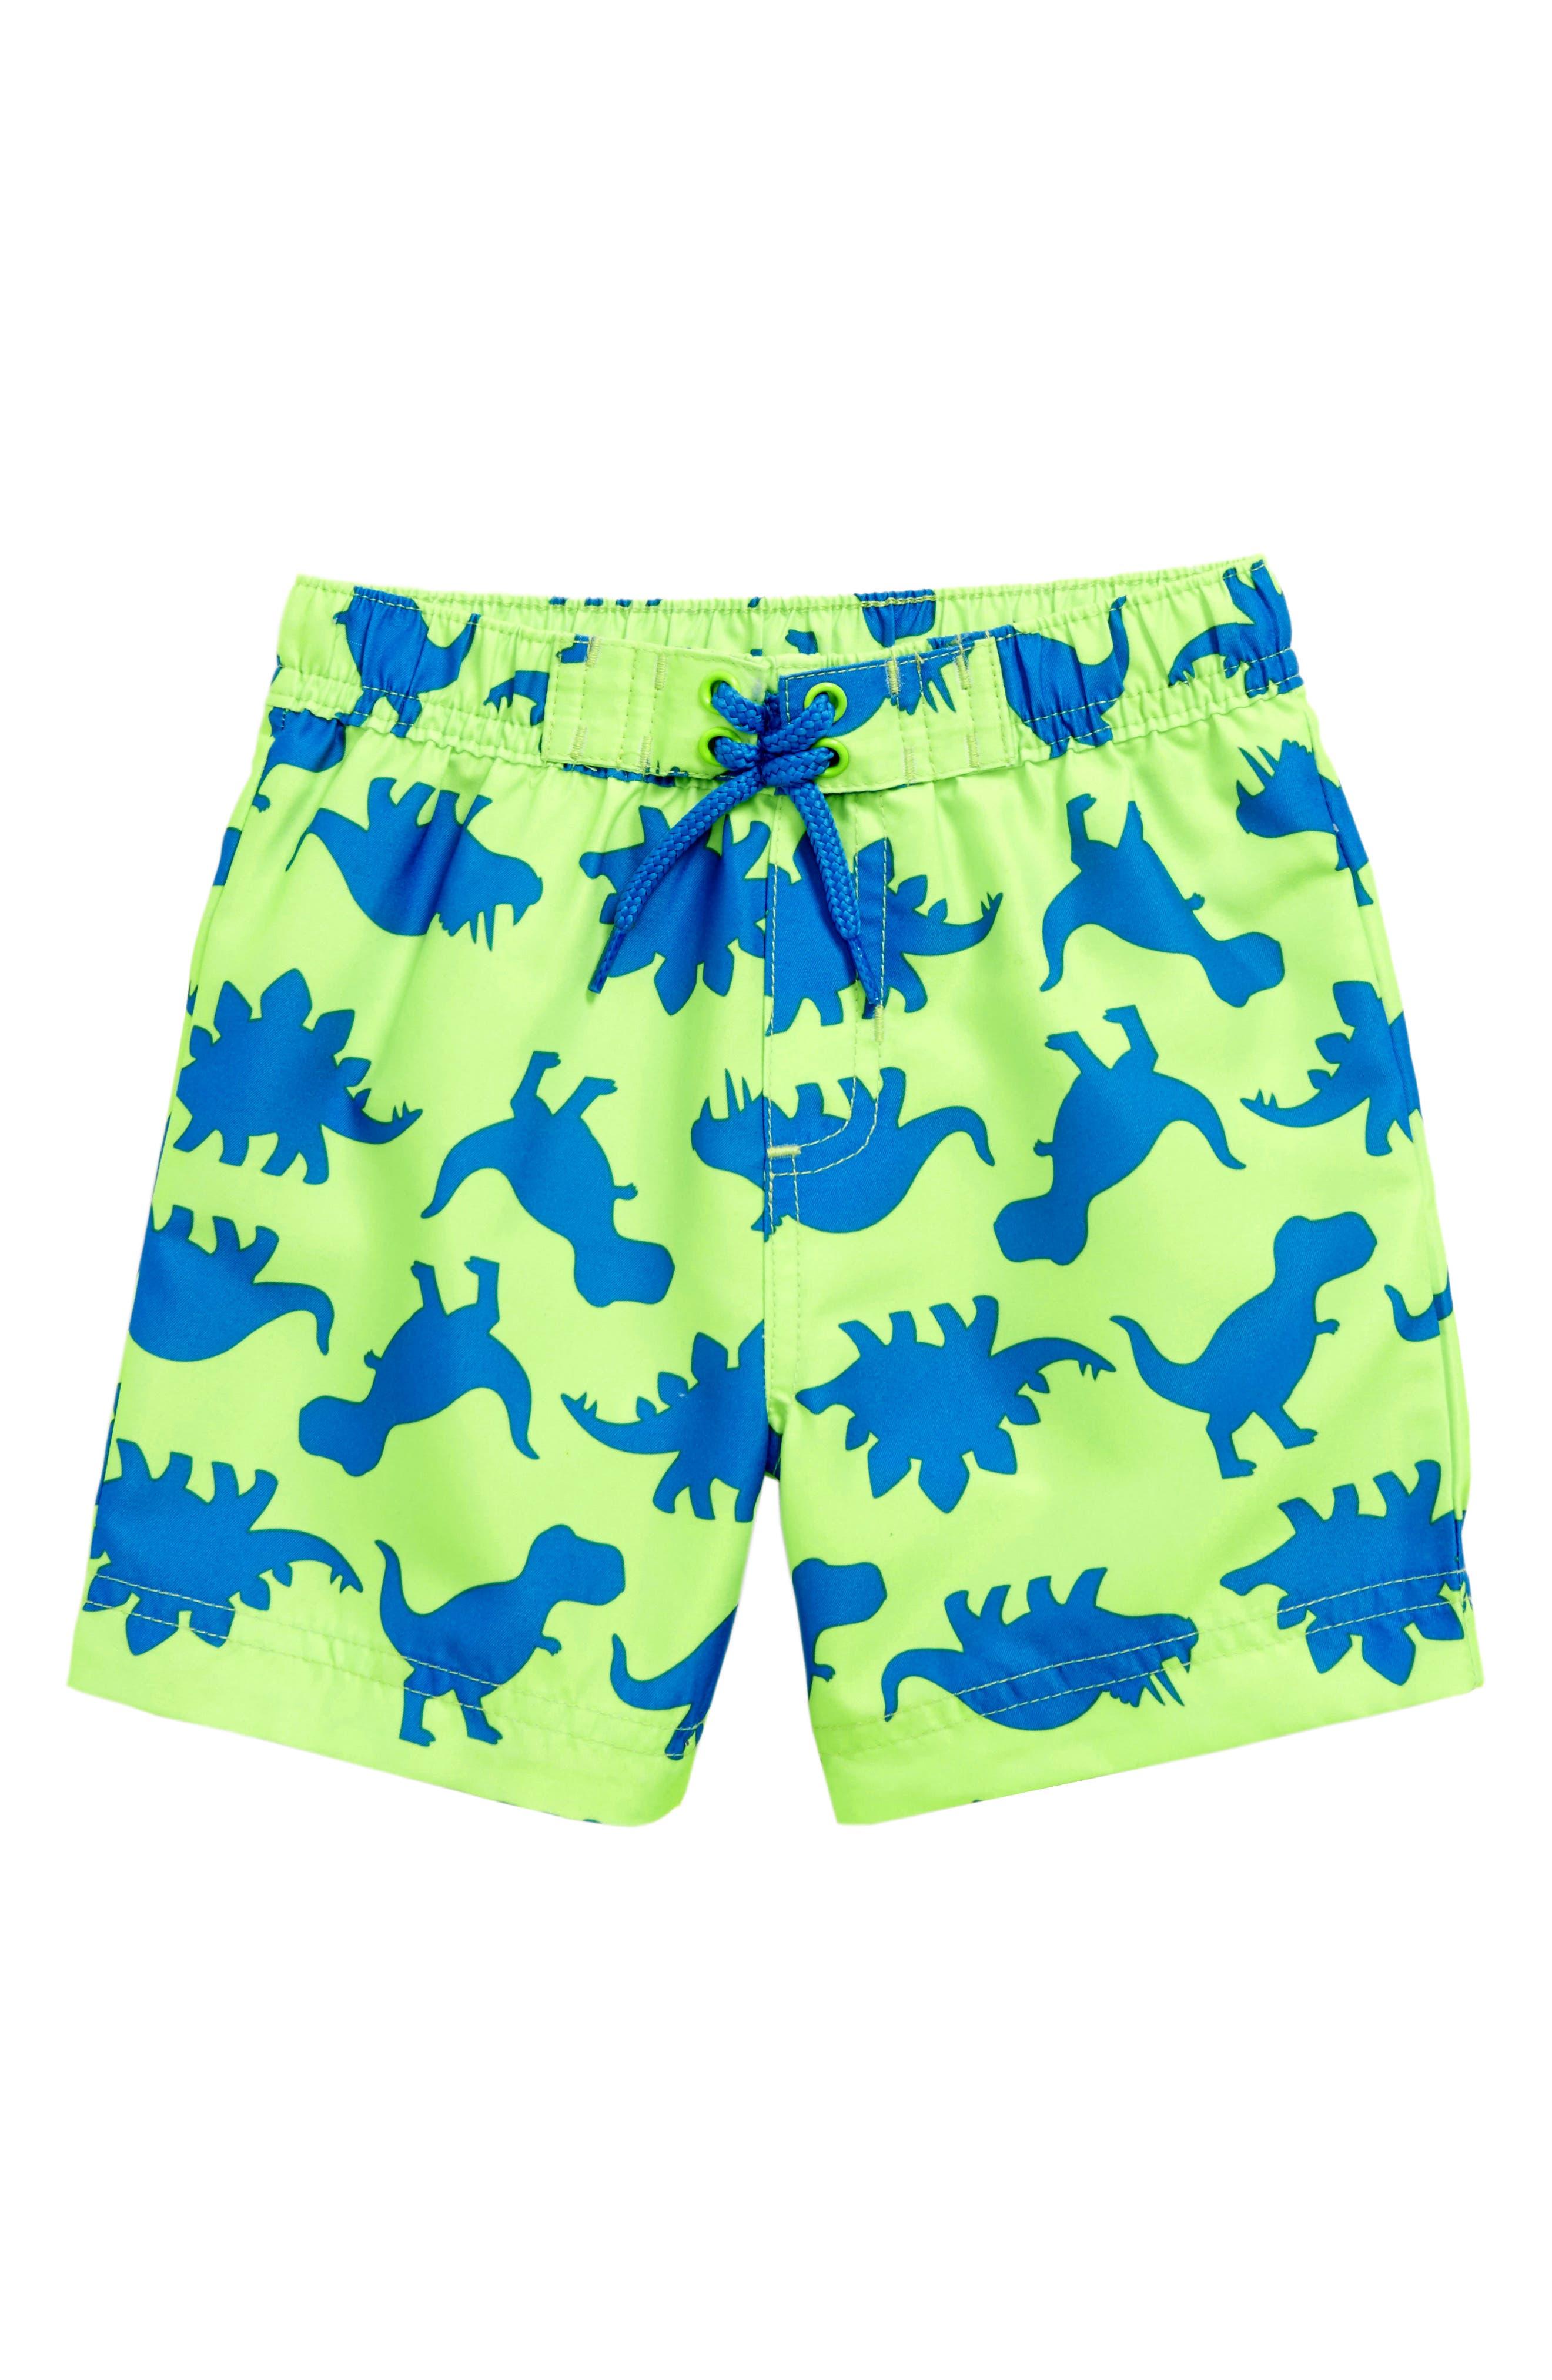 Dino UPF 50+ Swim Trunks,                         Main,                         color, 399